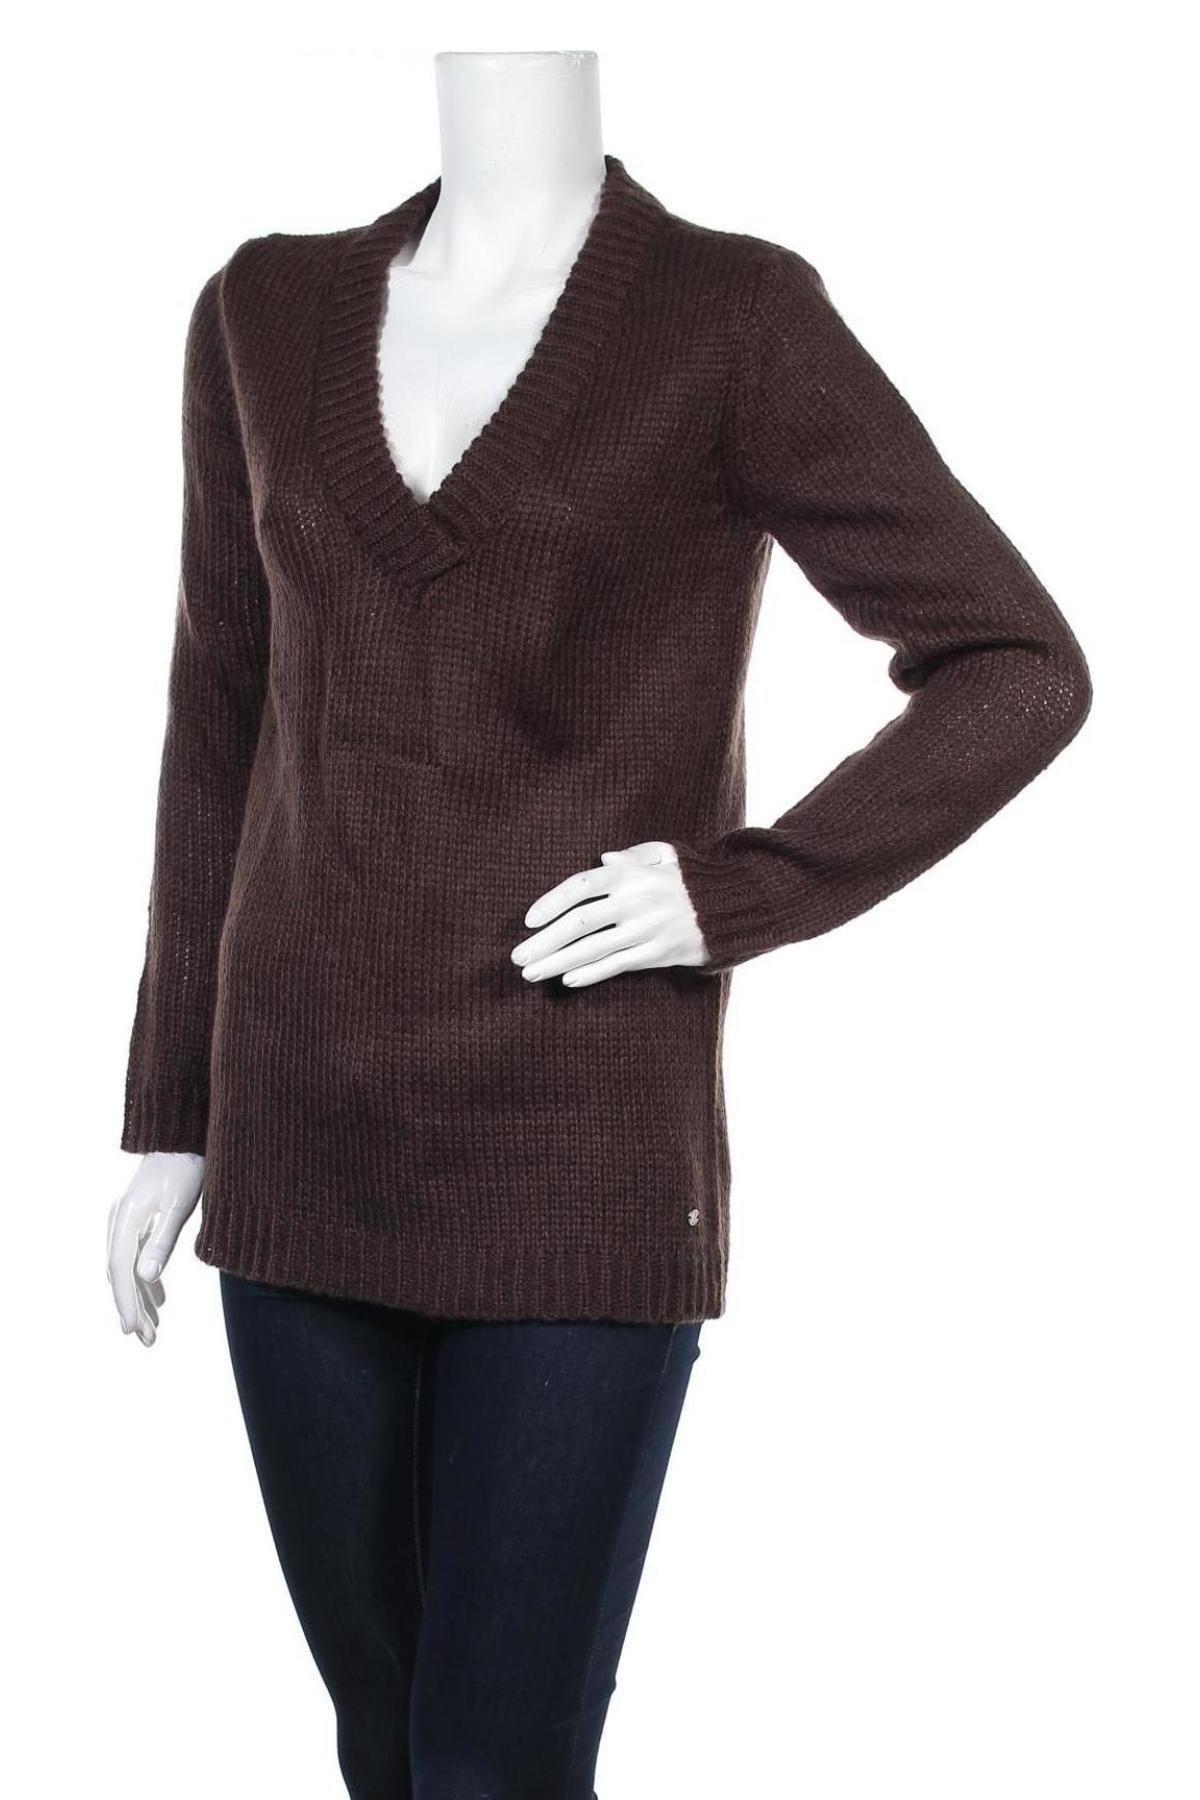 Дамски пуловер Top Secret, Размер M, Цвят Кафяв, 80% акрил, 10% вълна, 10% мохер, Цена 59,25лв.